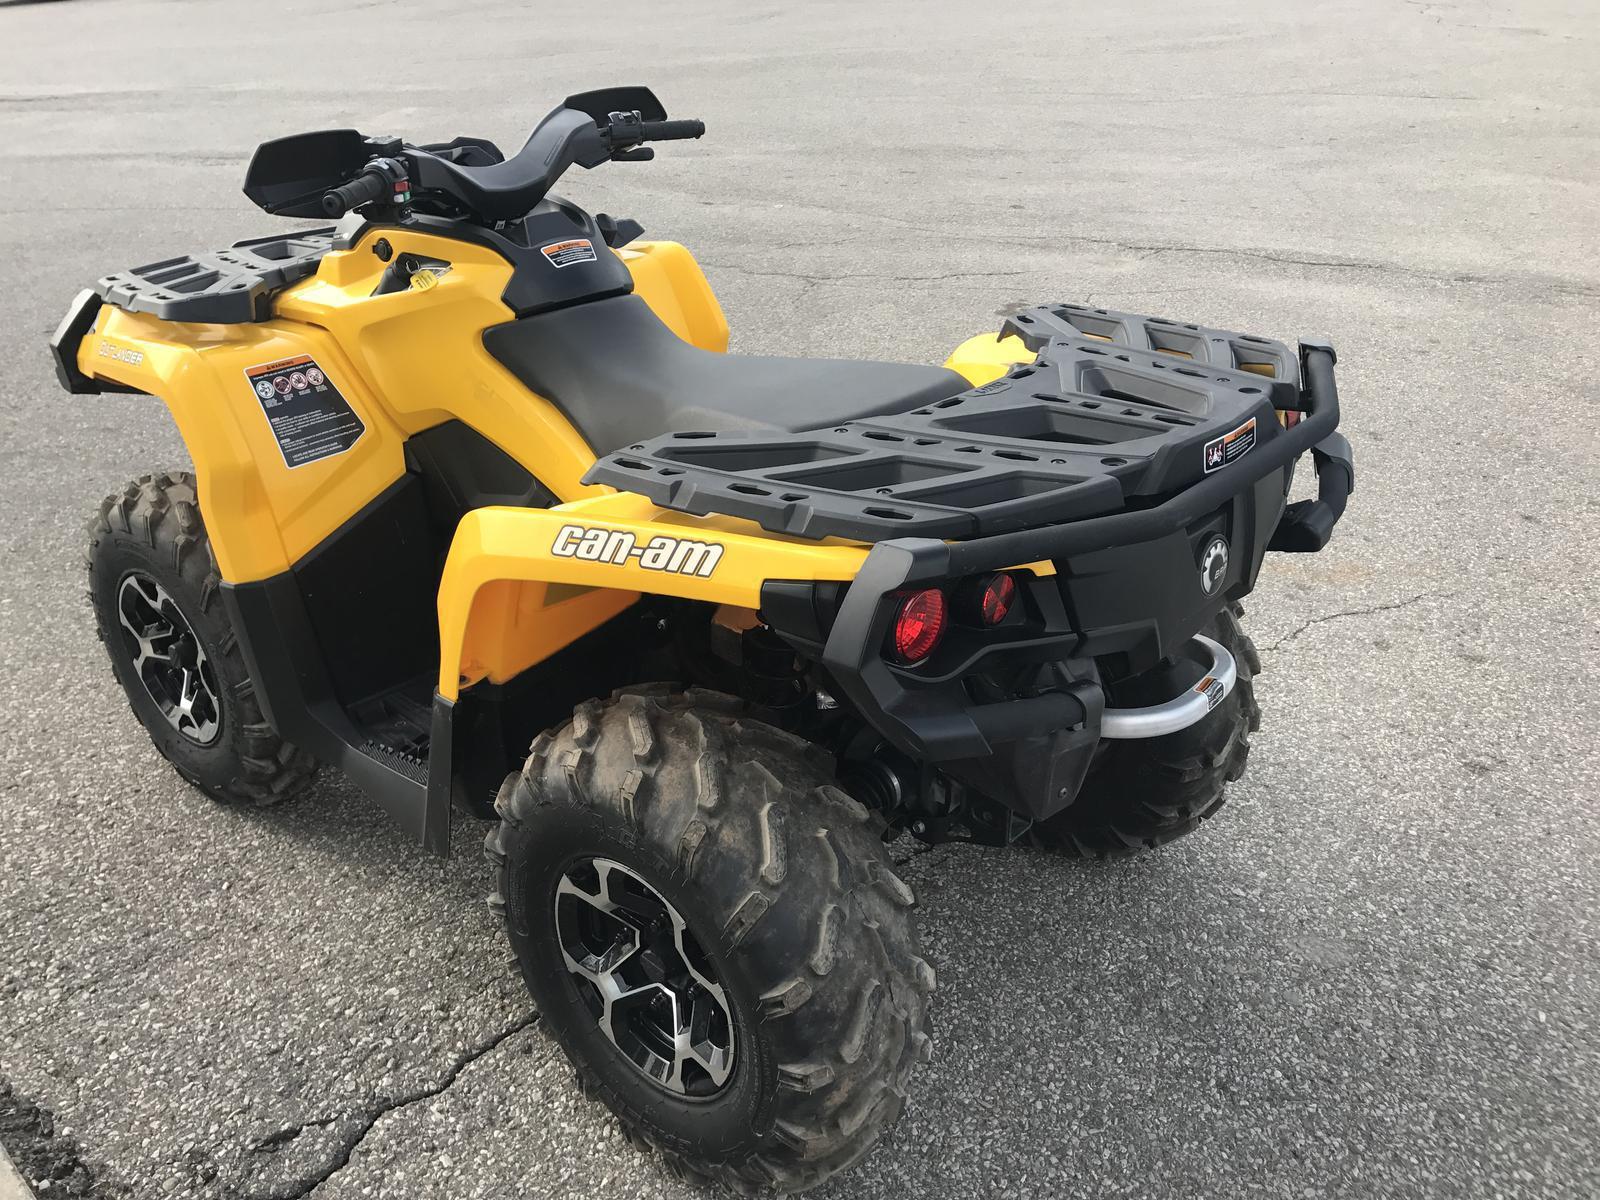 2014 Can-Am ATV OUTLANDER 650 XT | 3 of 4